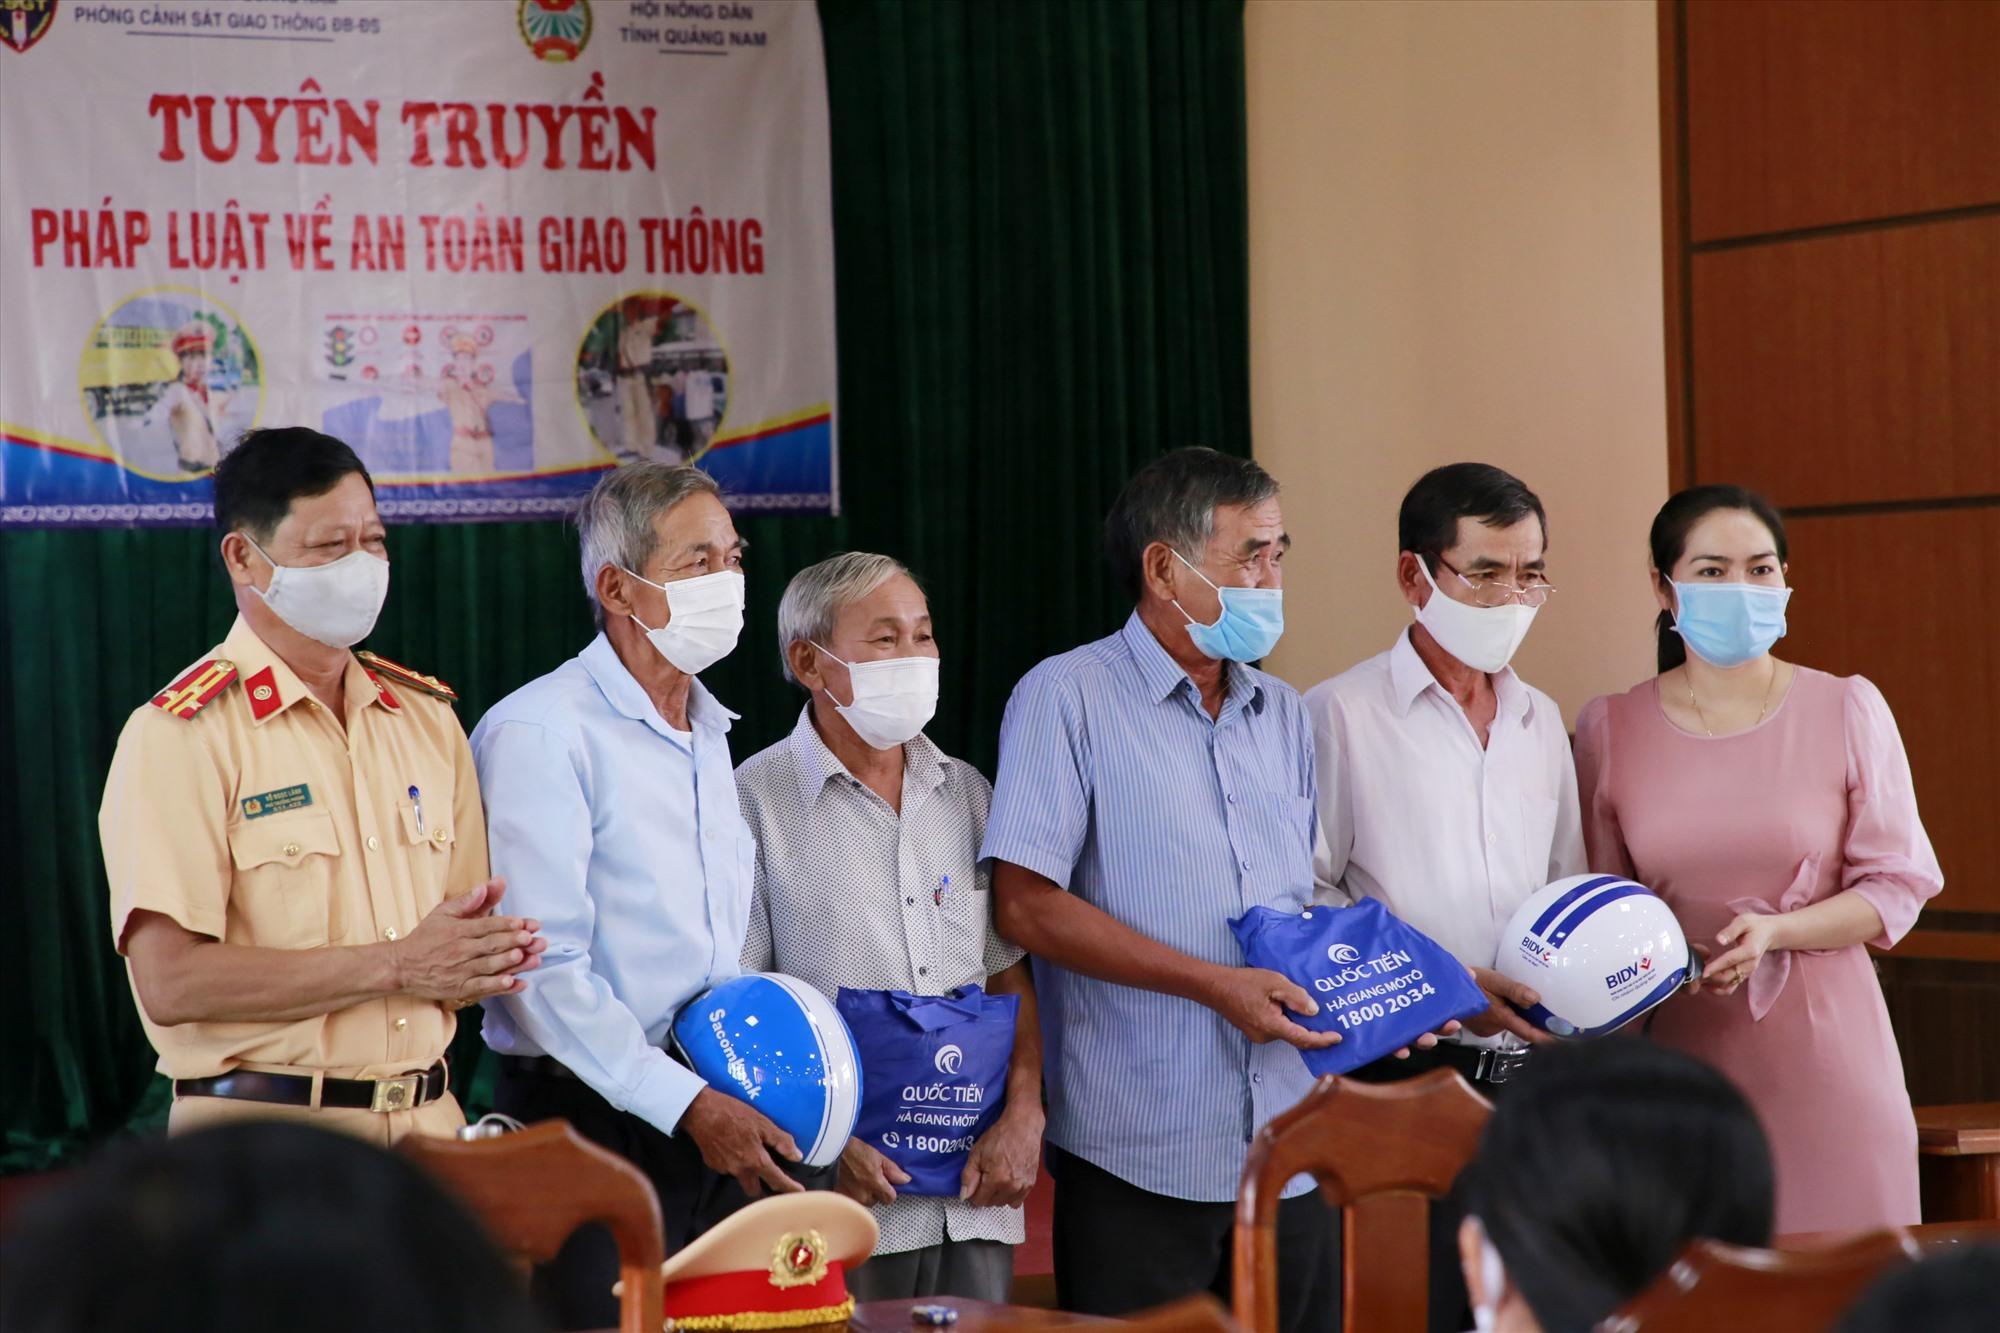 Dịp này, Phòng CSGT tặng nhiều phần quà cho các hội viên dự buổi tuyên truyền. Ảnh: T.C